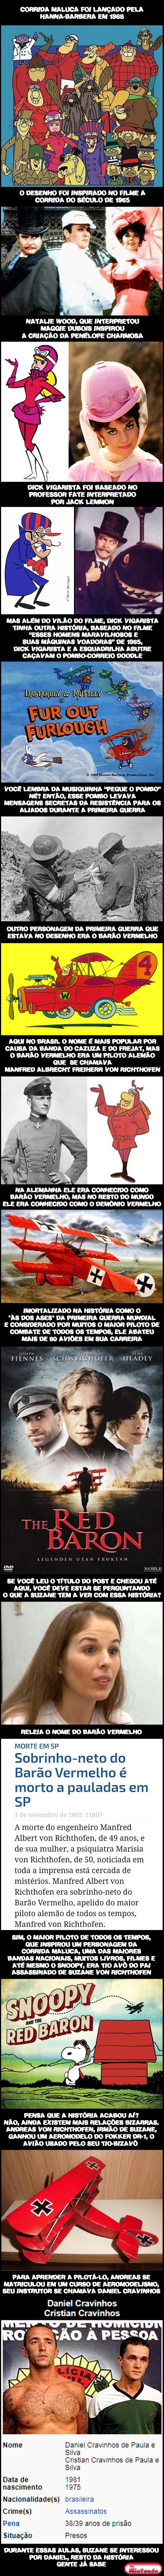 Corrida Maluca, Primeira Guerra e Suzane von Richthofen